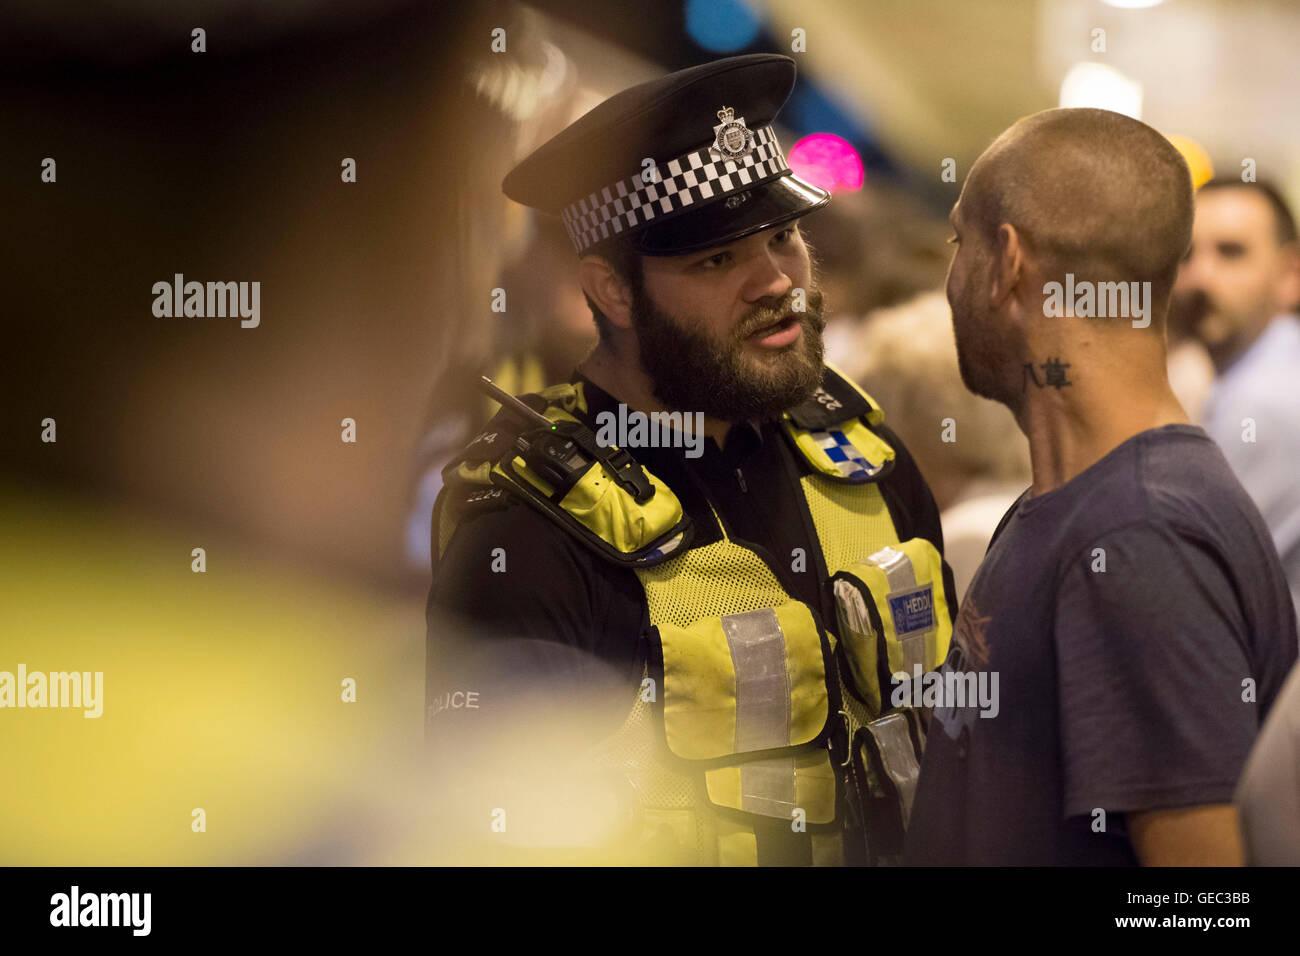 La Policía Británica de Transporte (BTP) en la estación ferroviaria de Cardiff en Cardiff, Gales, Imagen De Stock